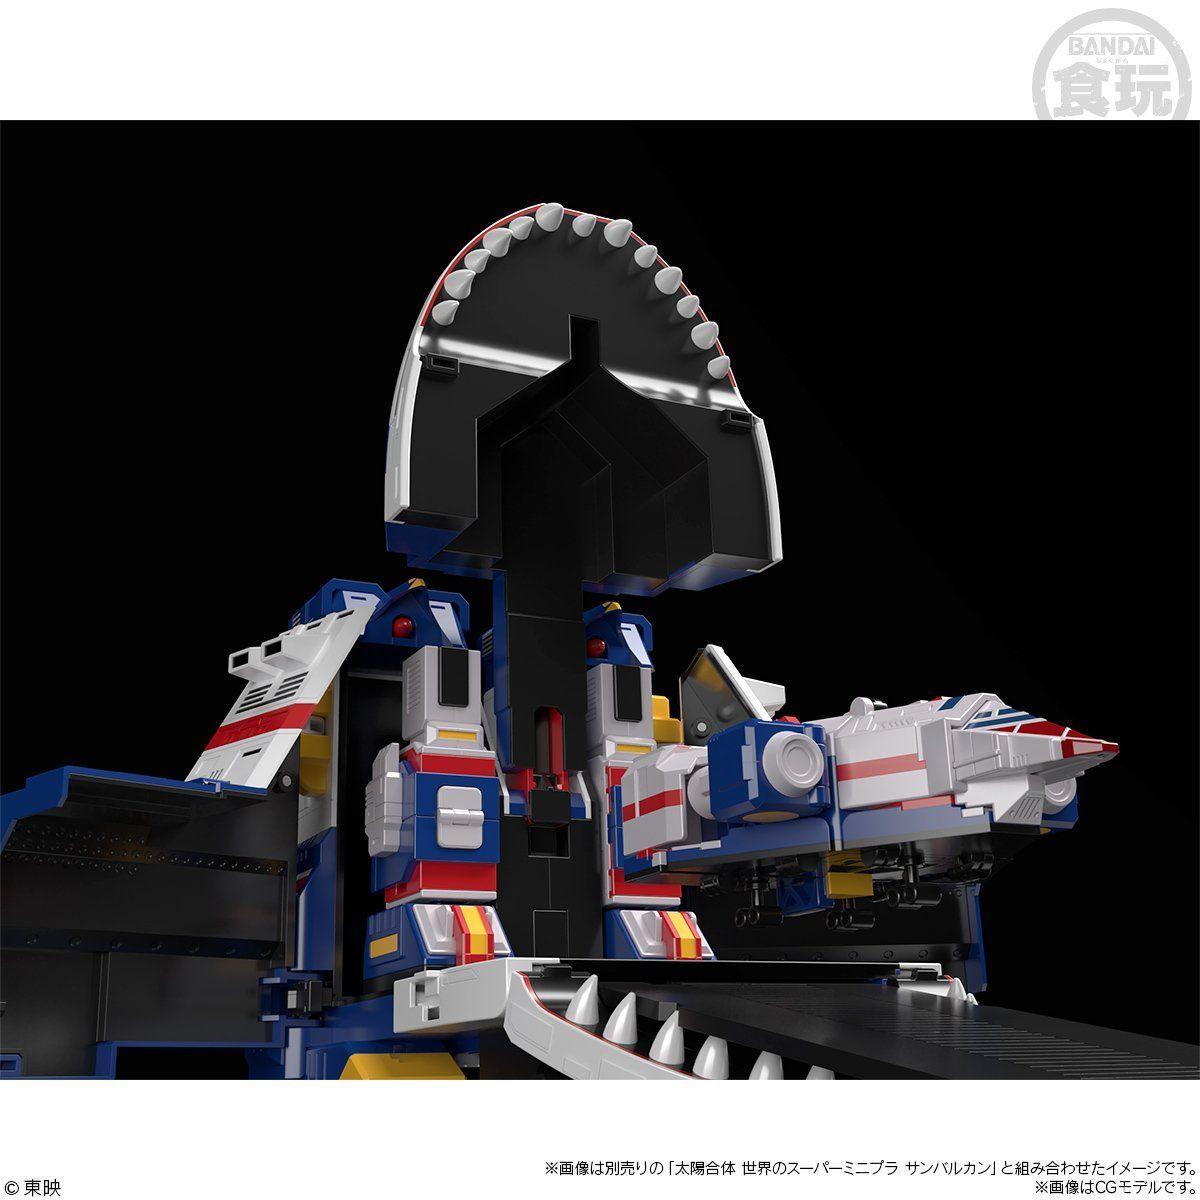 【限定販売】【食玩】スーパーミニプラ『ビッグスケール ジャガーバルカン』太陽戦隊サンバルカン プラモデル-009